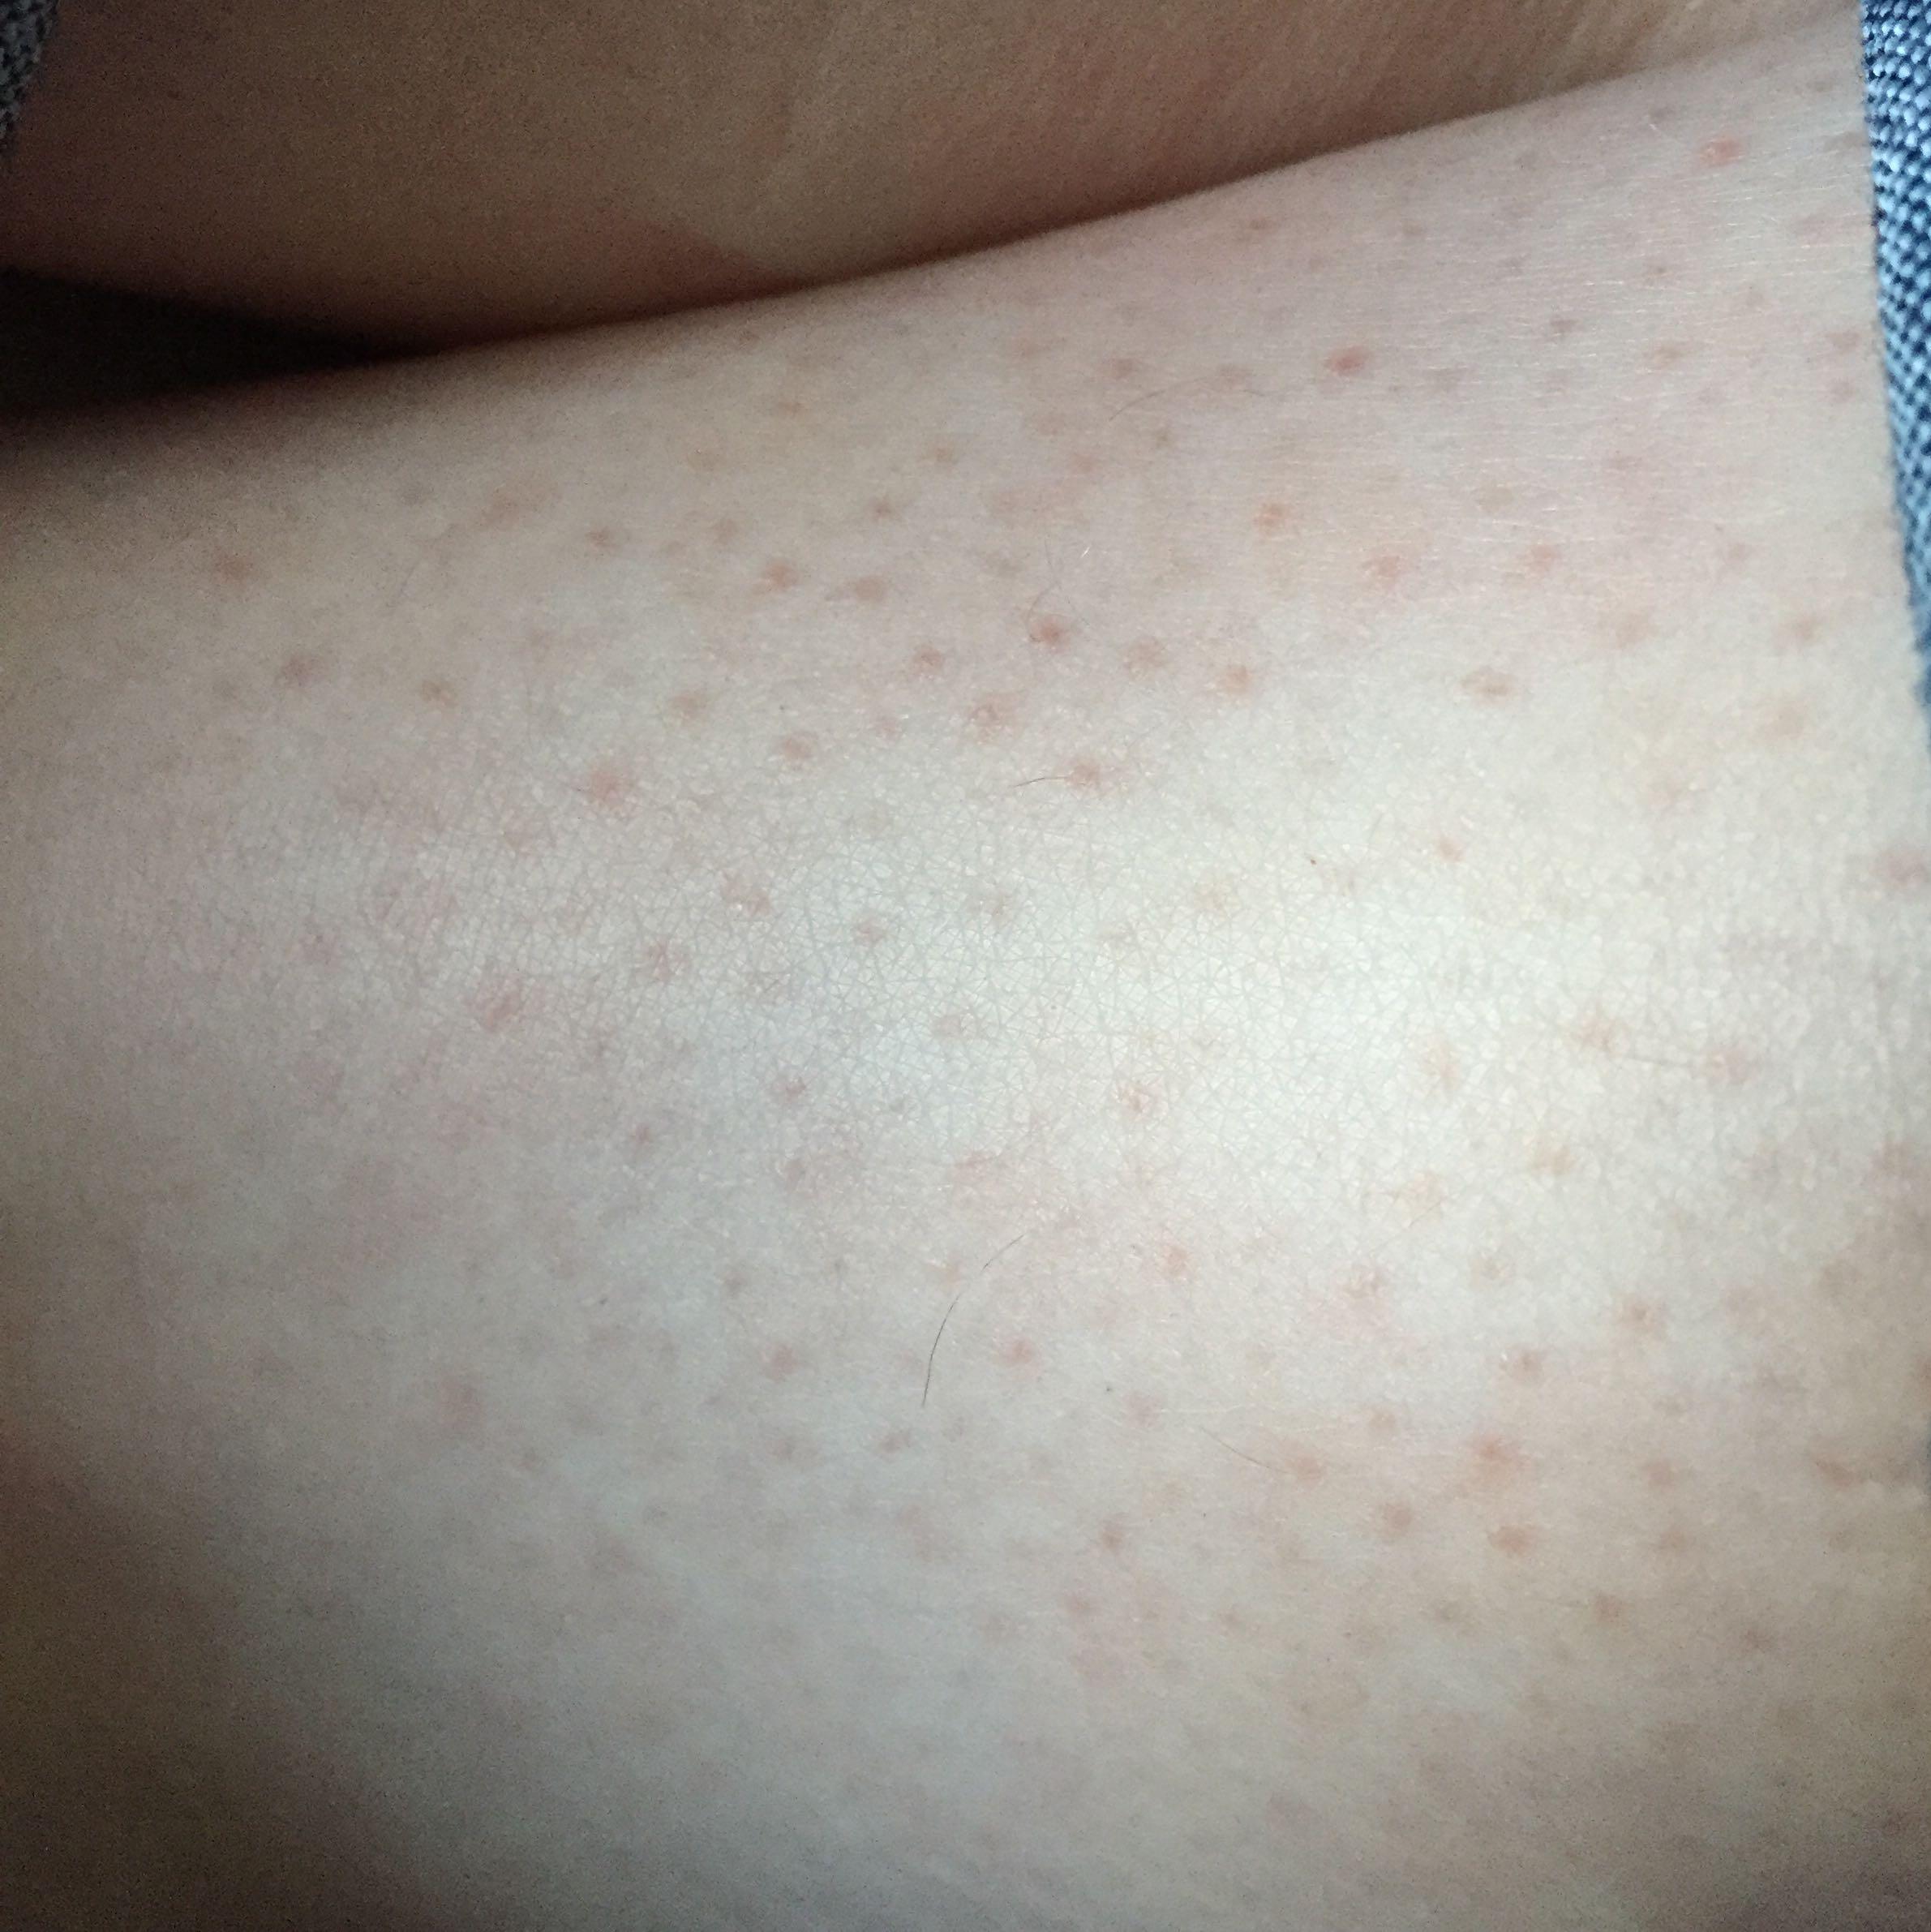 Rote Punkte am Bein - was hilft? (Haut, Beine, Hautrötung)